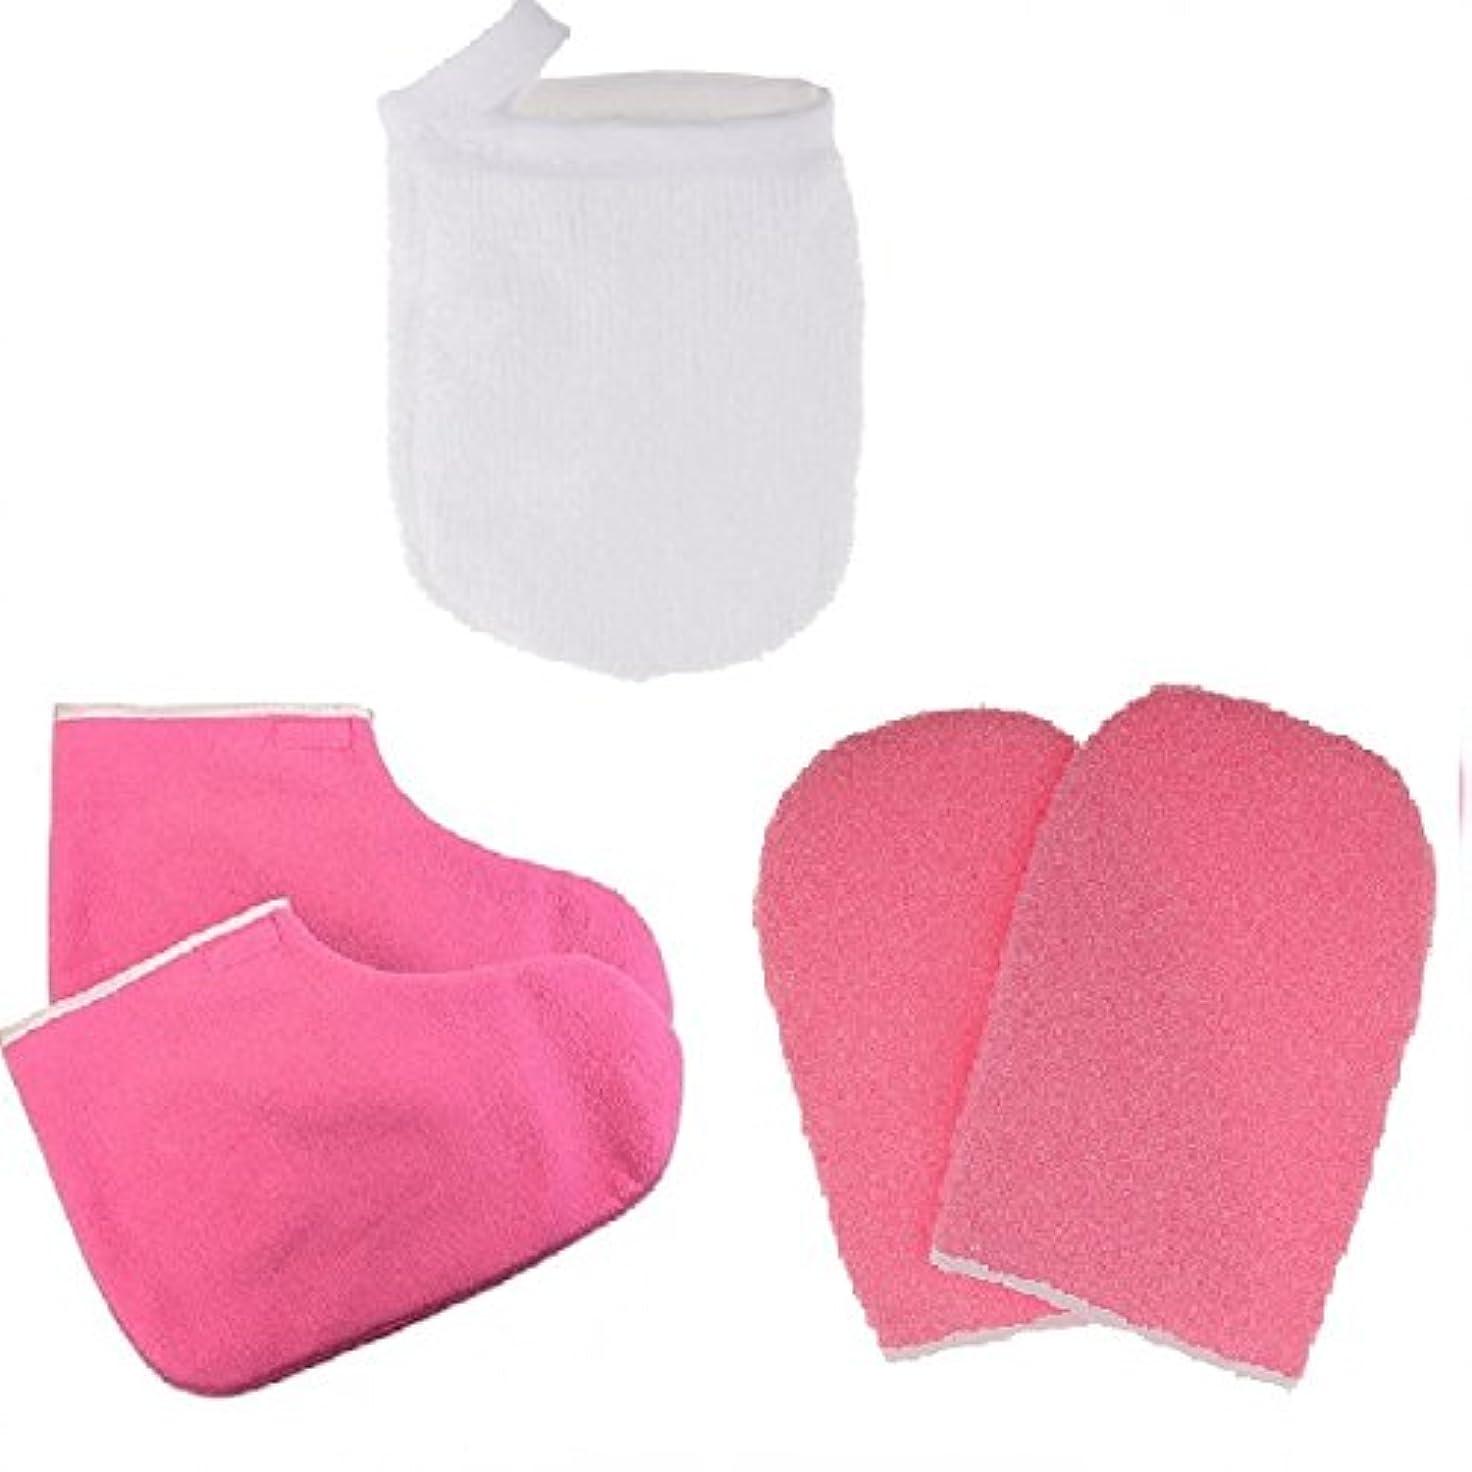 意志適応突っ込むグローブ パラフィンワックス保護手袋 メイクリムーバー パッド パラフィンワックス手袋